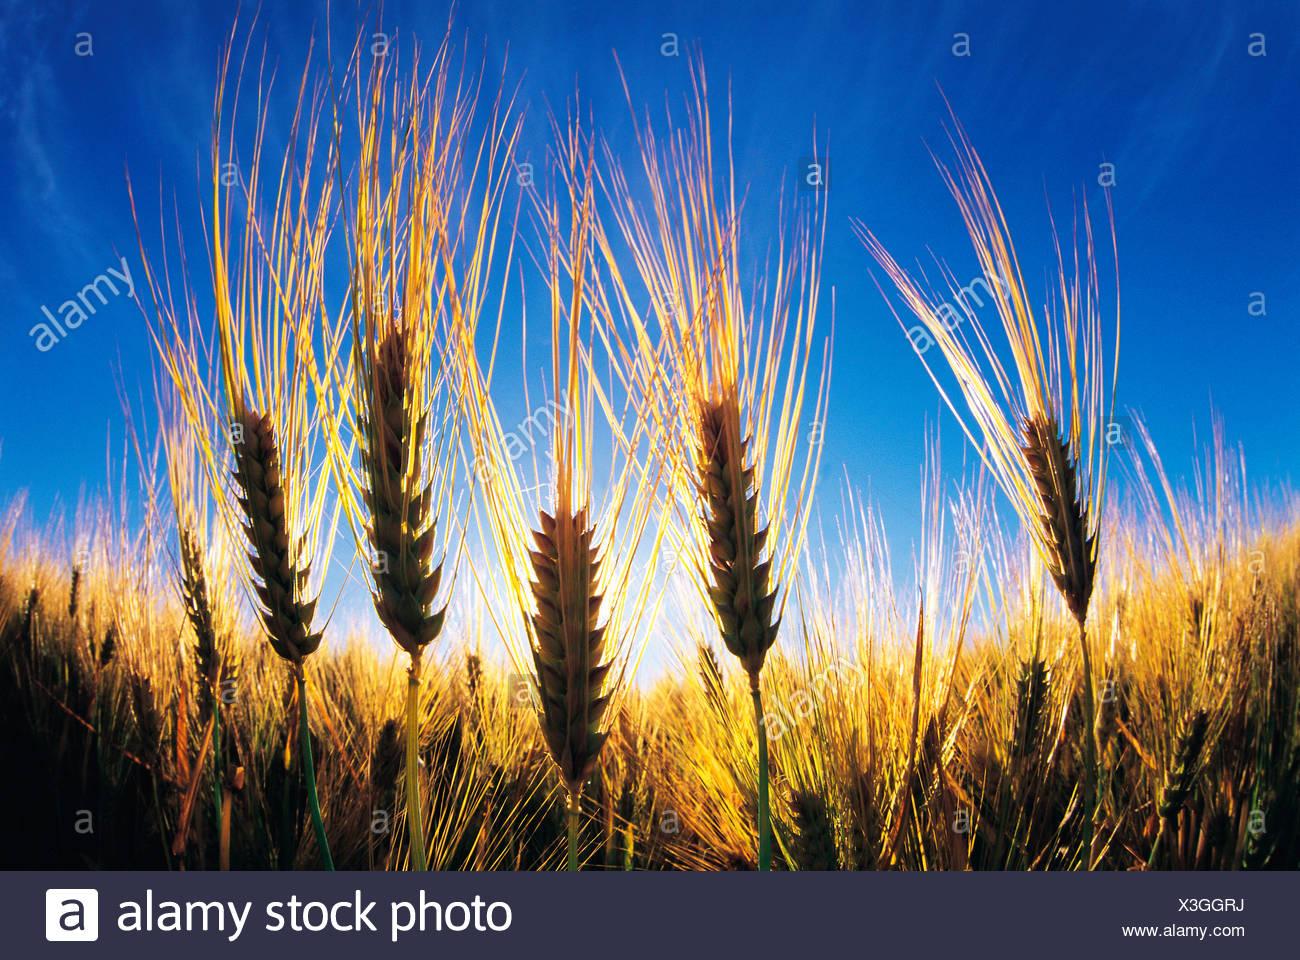 maturing barley, Manitoba, Canada - Stock Image